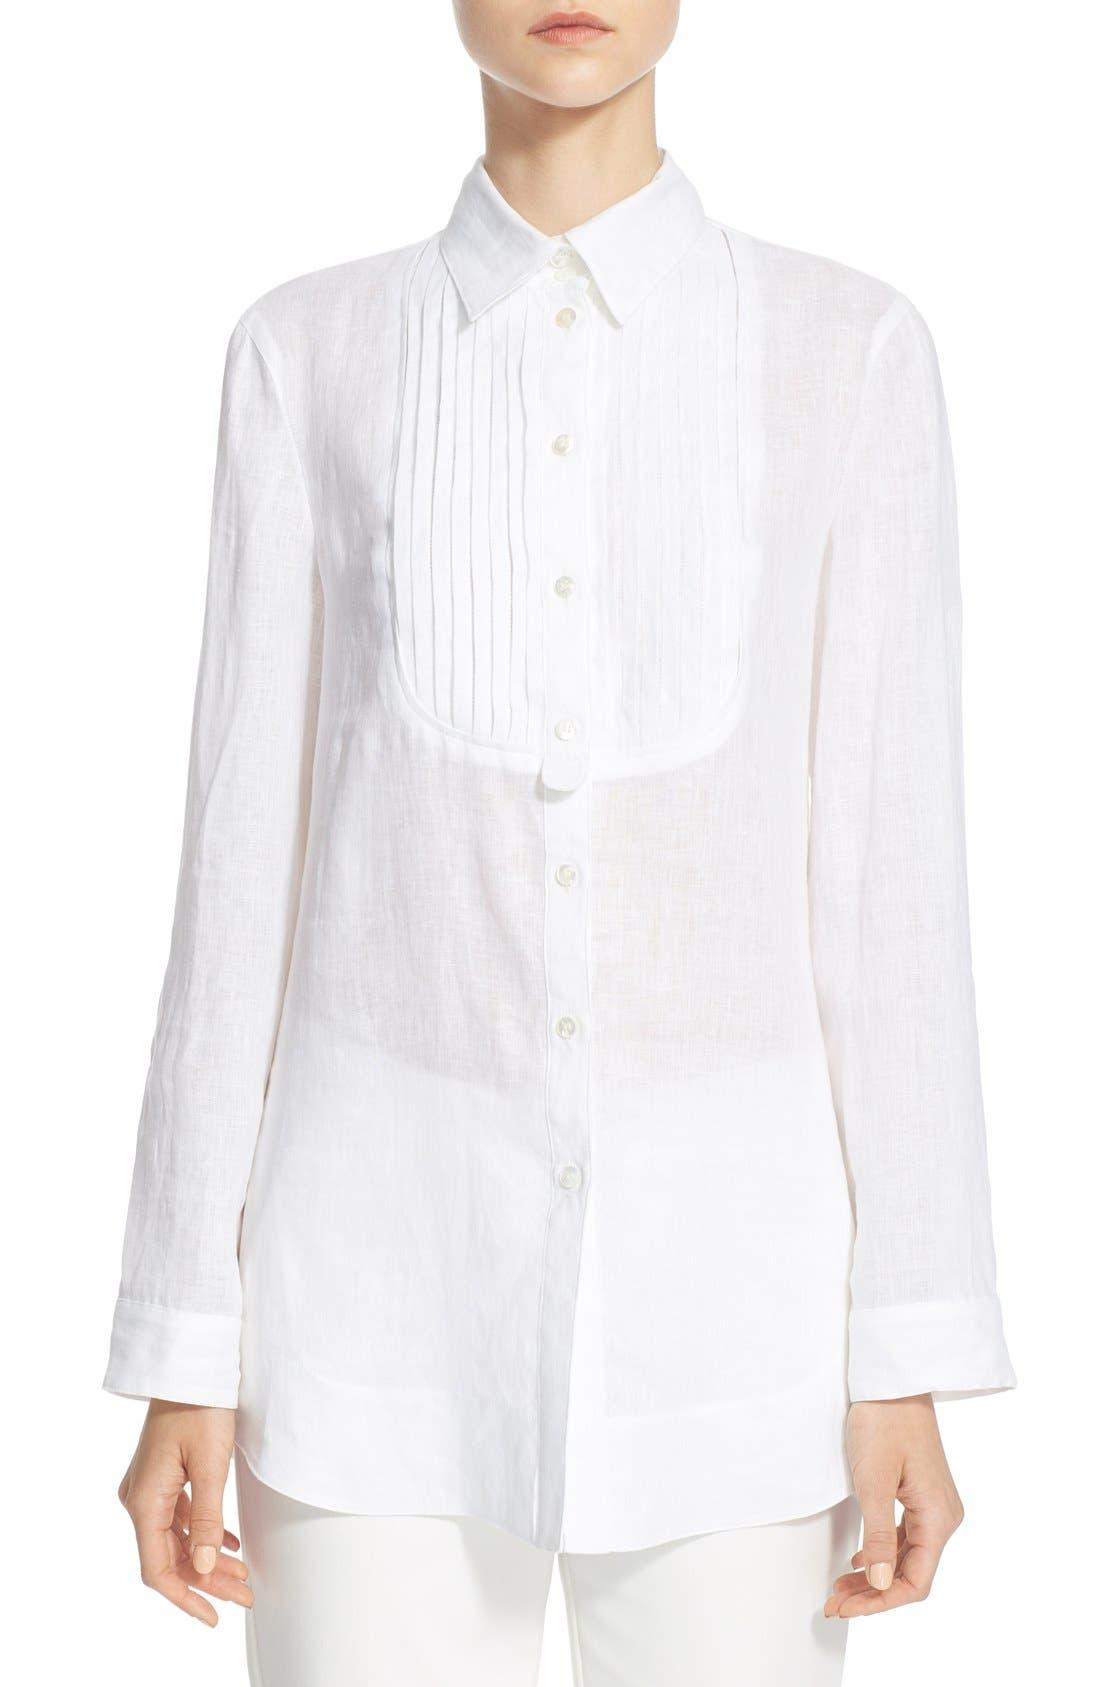 ARMANI COLLEZIONI Linen Tuxedo Shirt, Main, color, 100